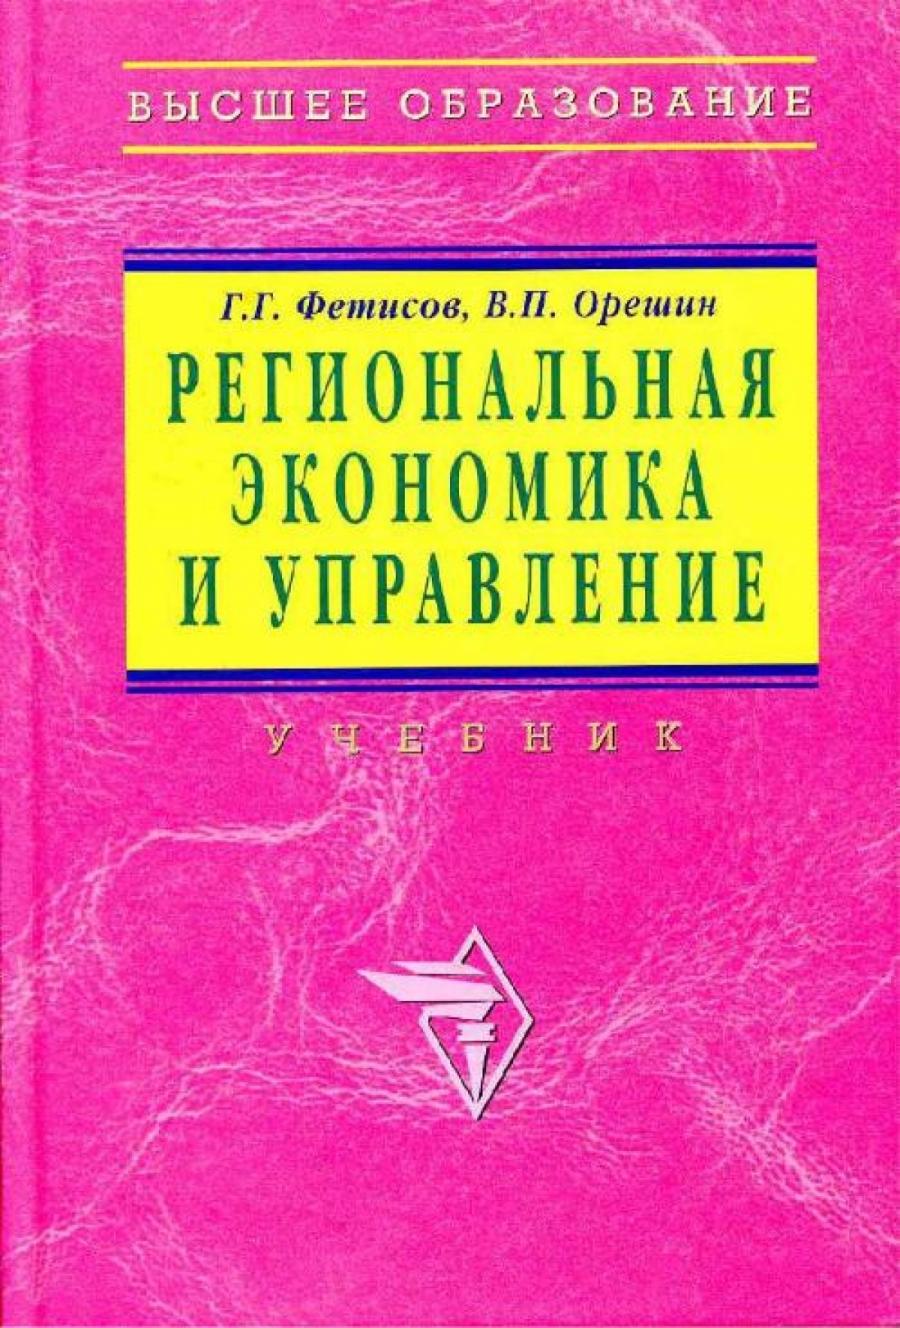 Обложка книги:  фетисов г. г. , орешин в. п. - региональная экономика и управление